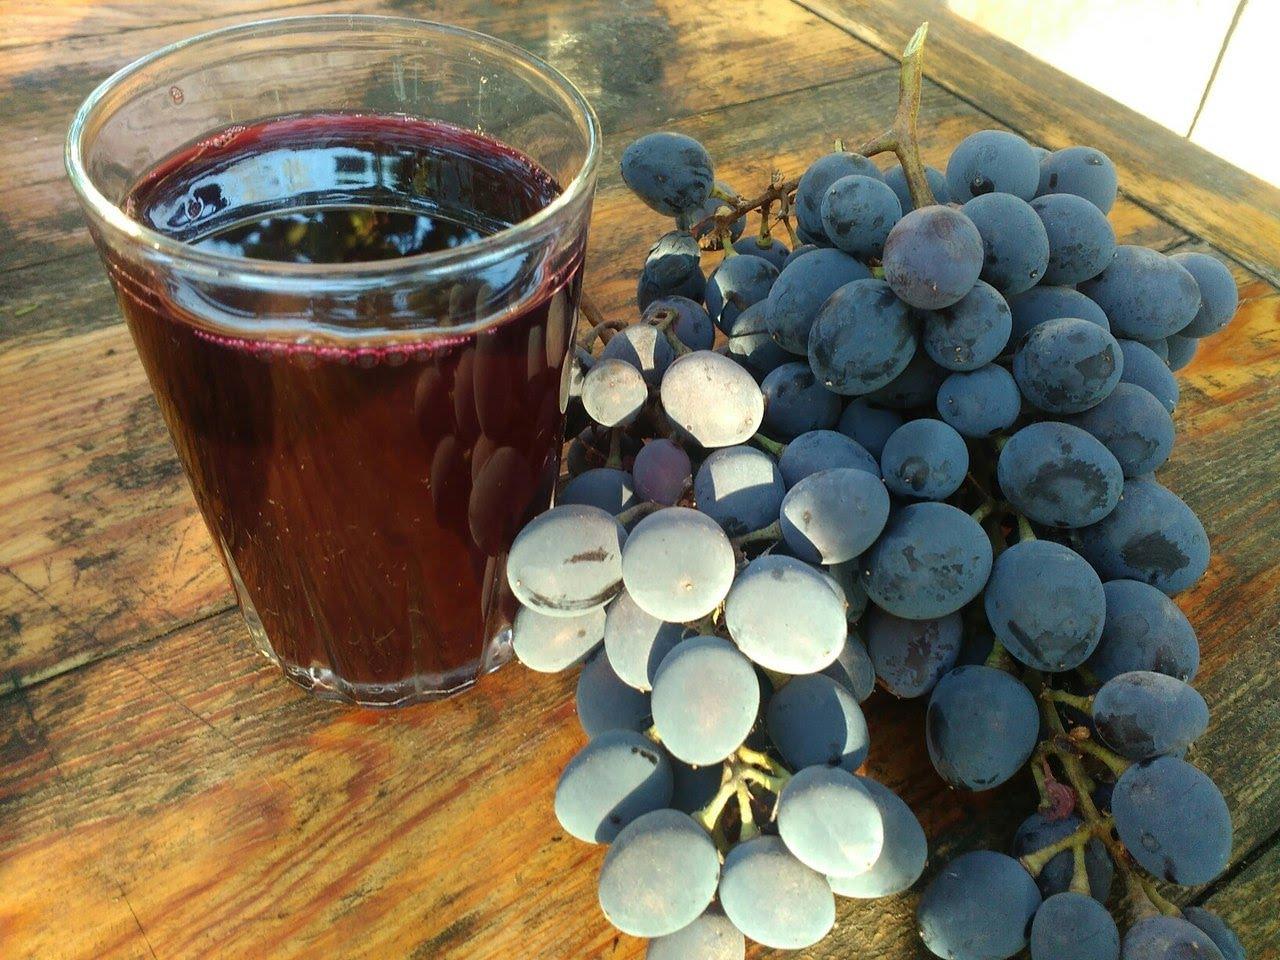 Изабелла – это один из самых ароматных и полезных сортов винограда